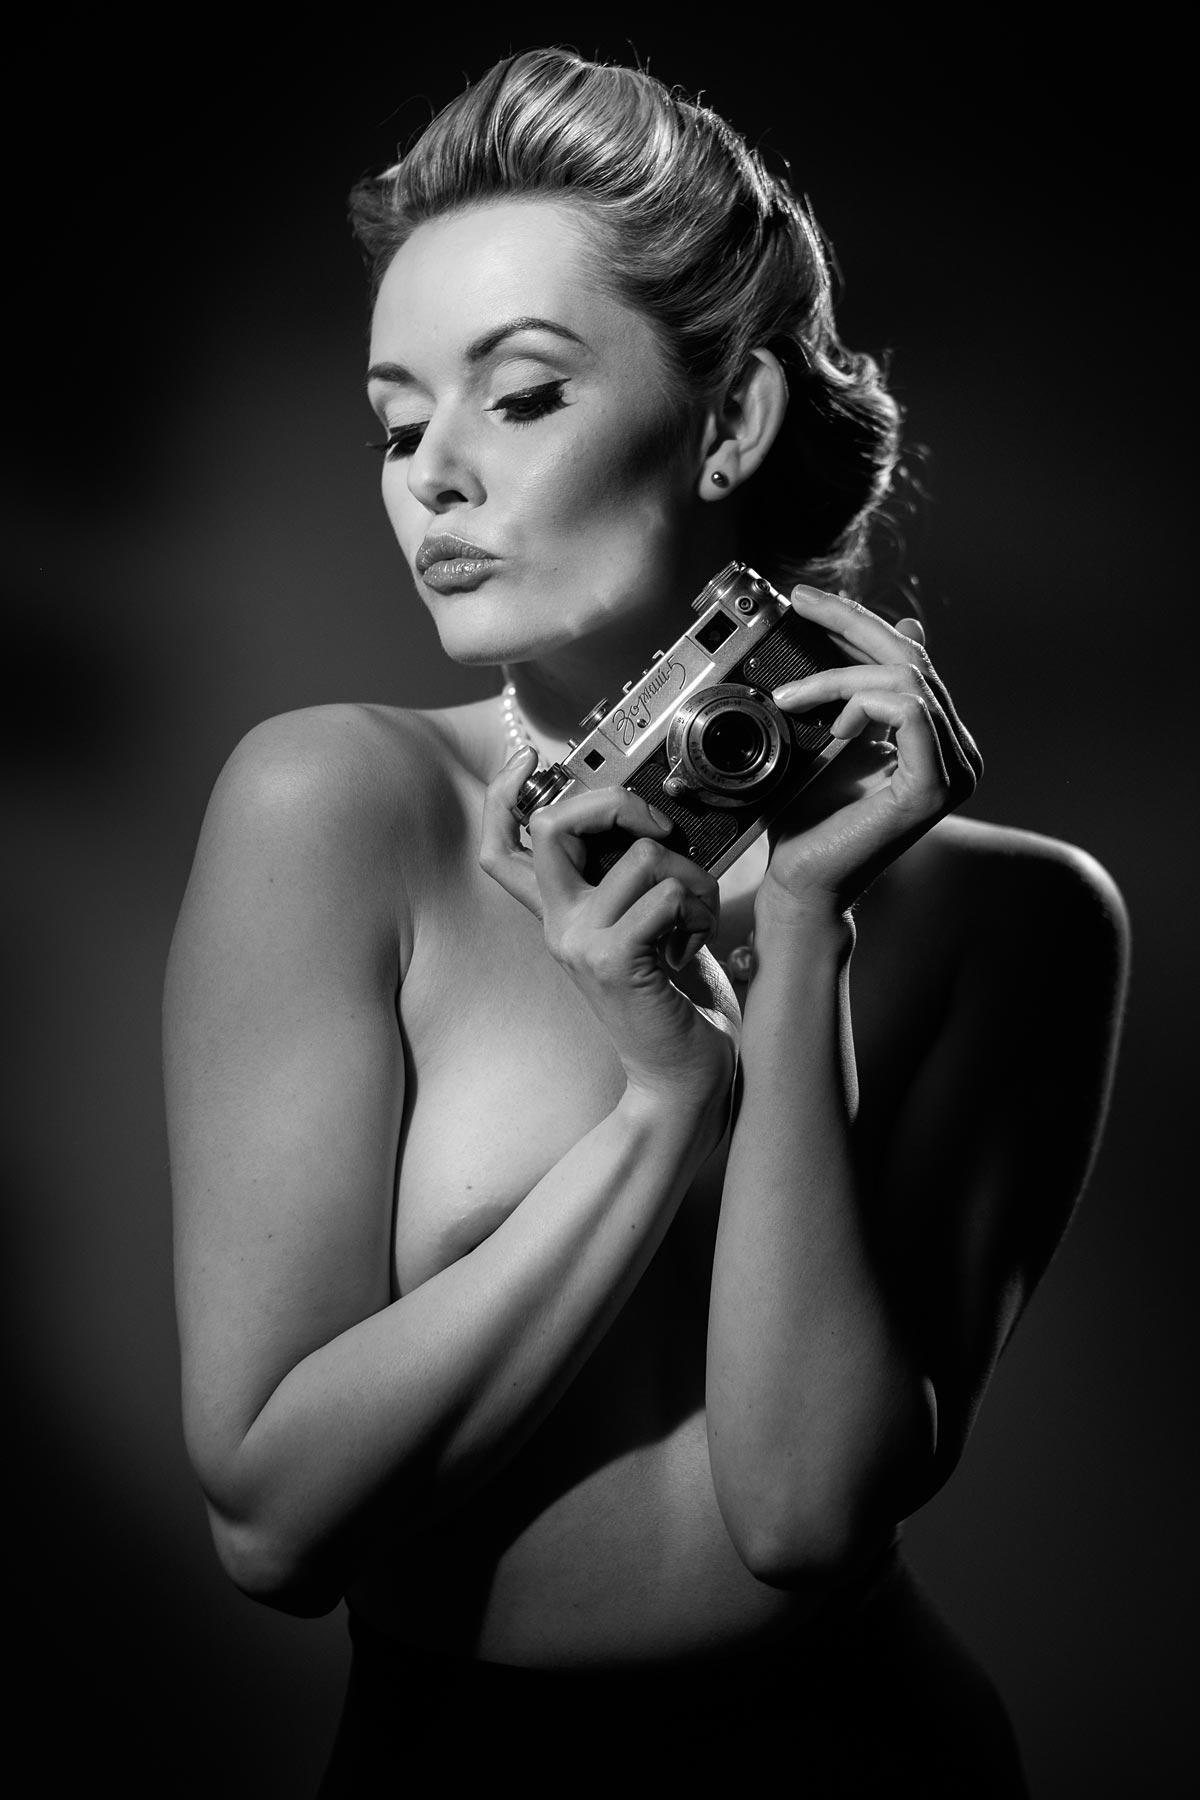 Carla Monaco holding a Zorki 5 Camera in monochrome